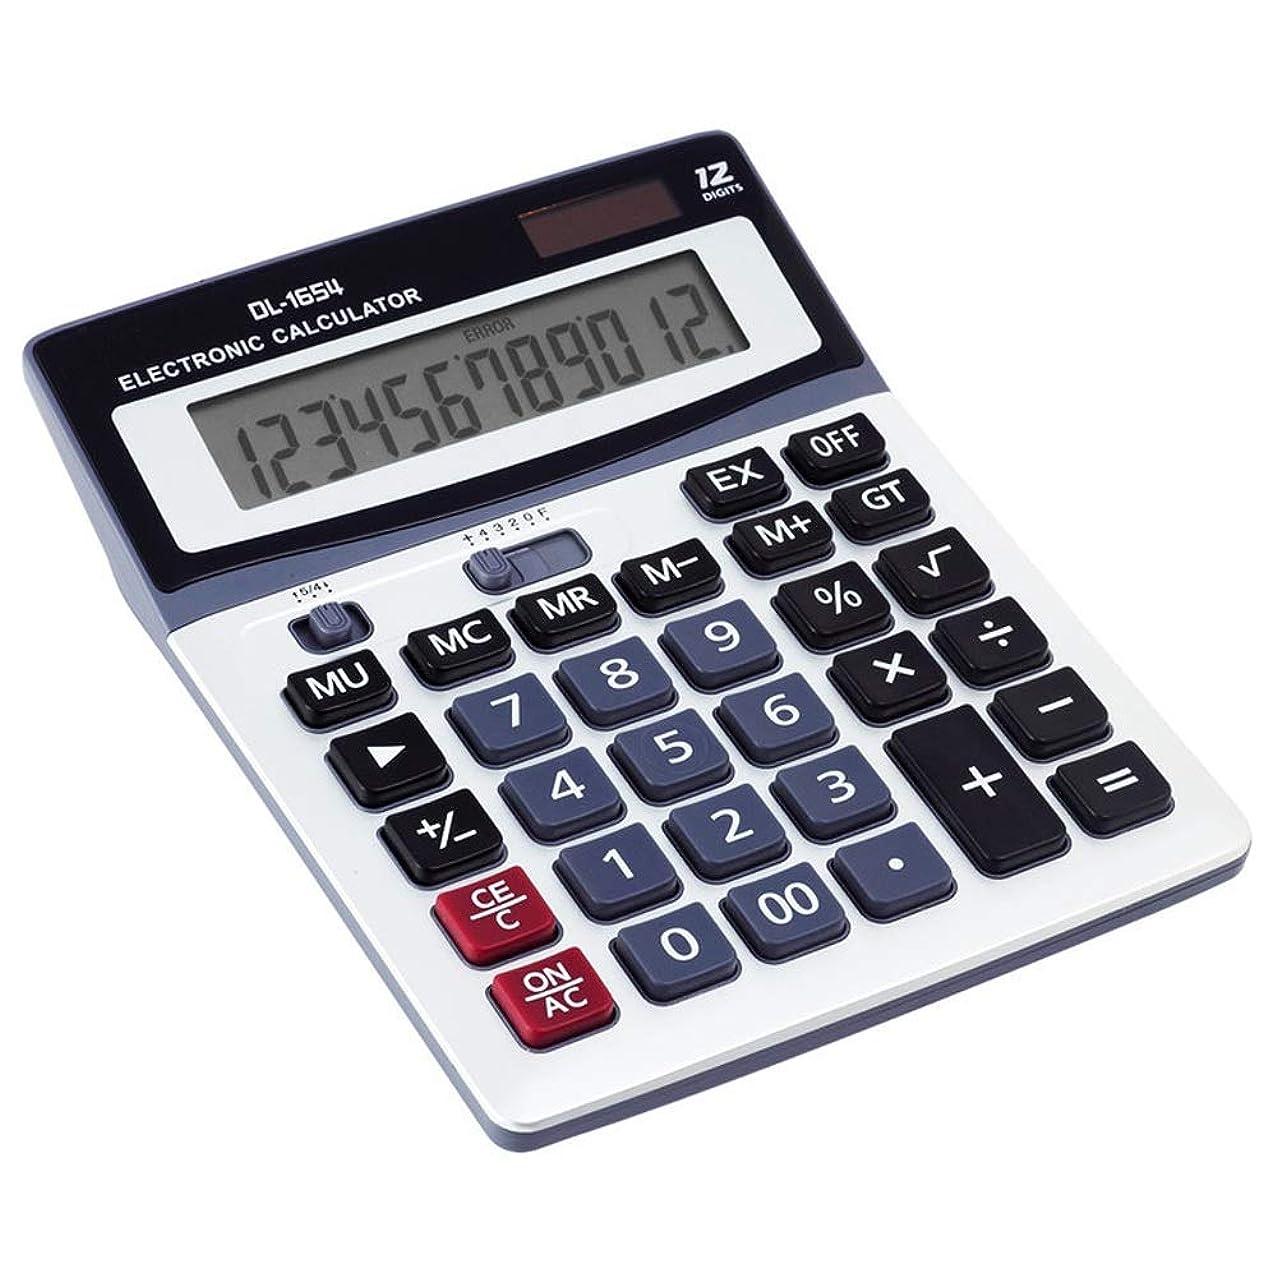 記憶に残る評決競合他社選手電卓大画面ビッグボタンソーラー電卓財務オフィス12ビット電卓 標準機能エレクトロニクス電卓